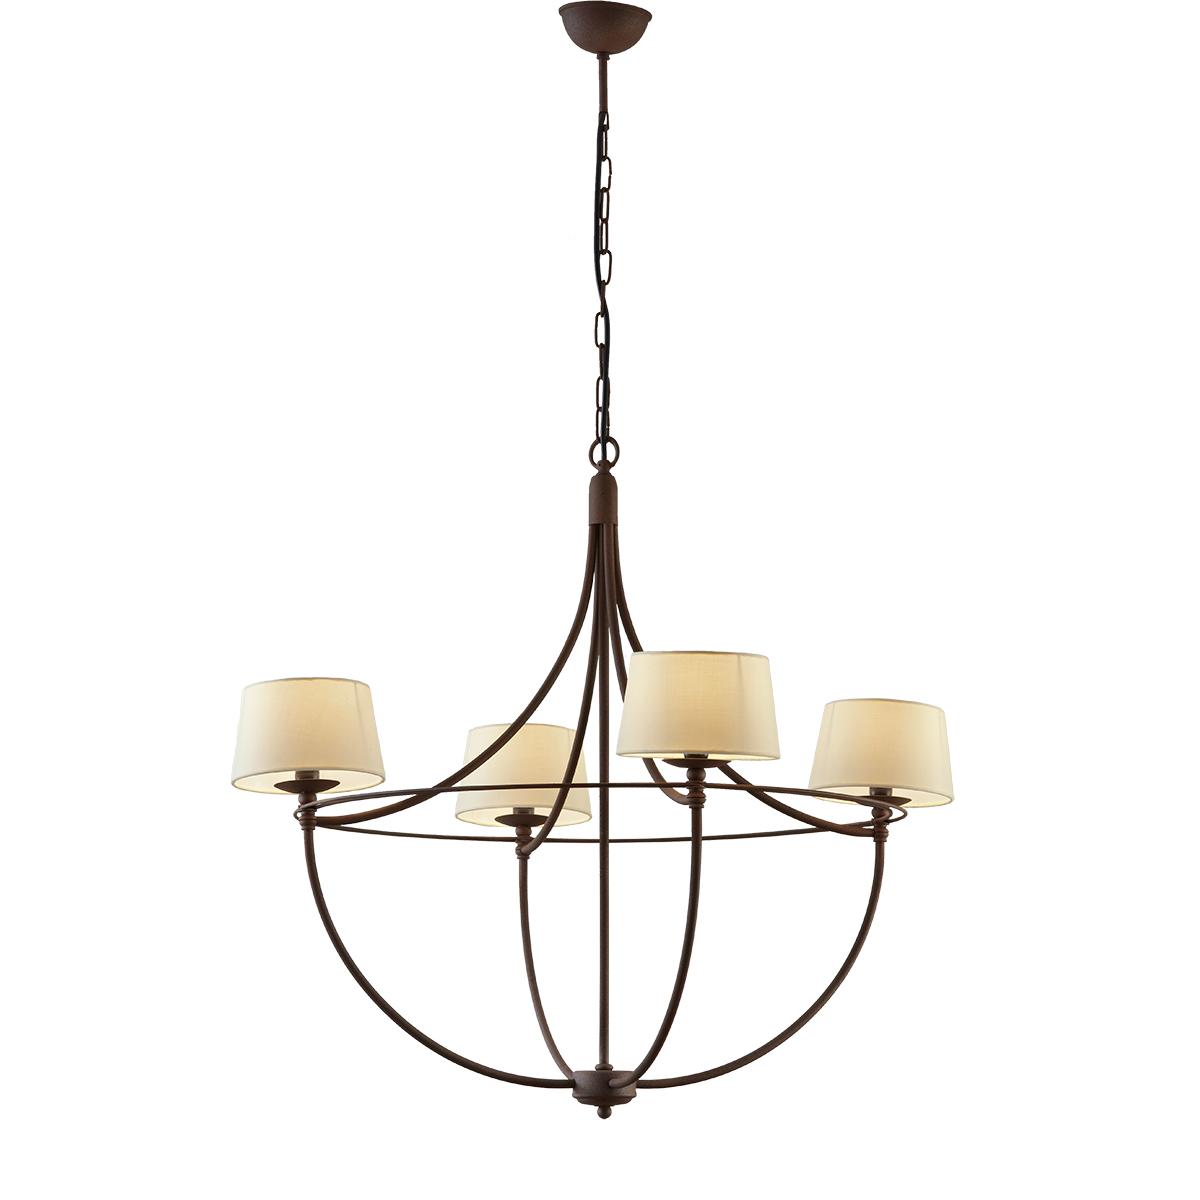 Κρεμαστό φωτιστικό με καπέλα σε καφέ πατίνα VILLAGE brown patinated rustic chandelier with lamp shades